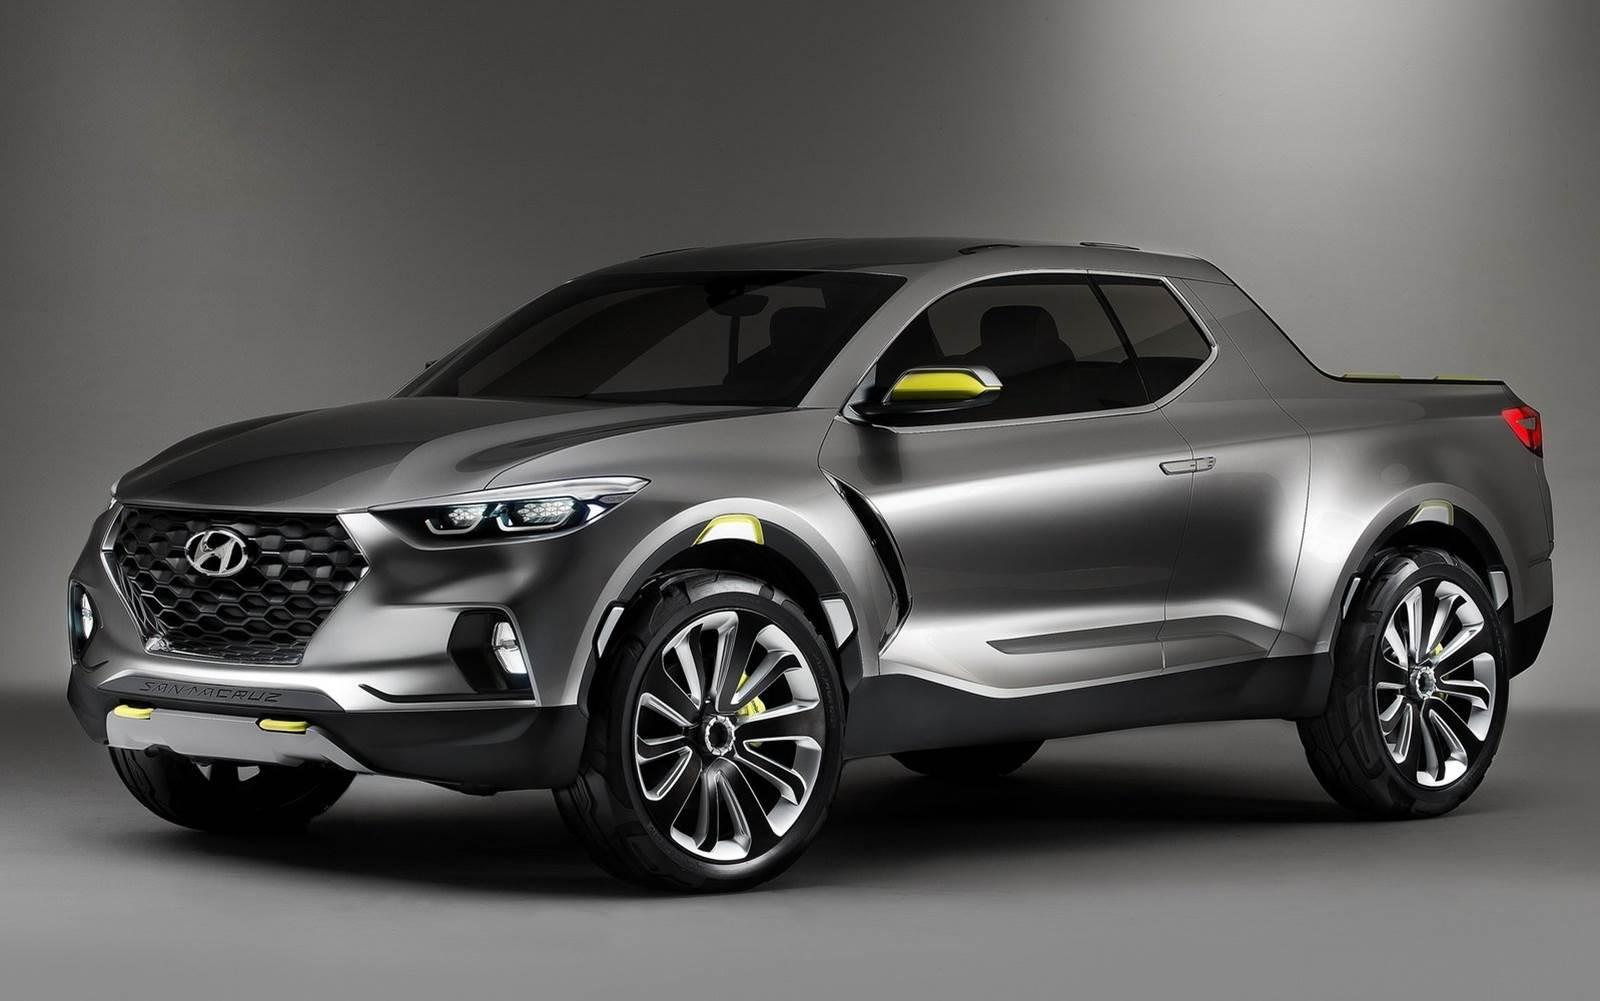 Новый вариант автомобиля Хендай дебютирует на автомобильное шоу вЧикаго